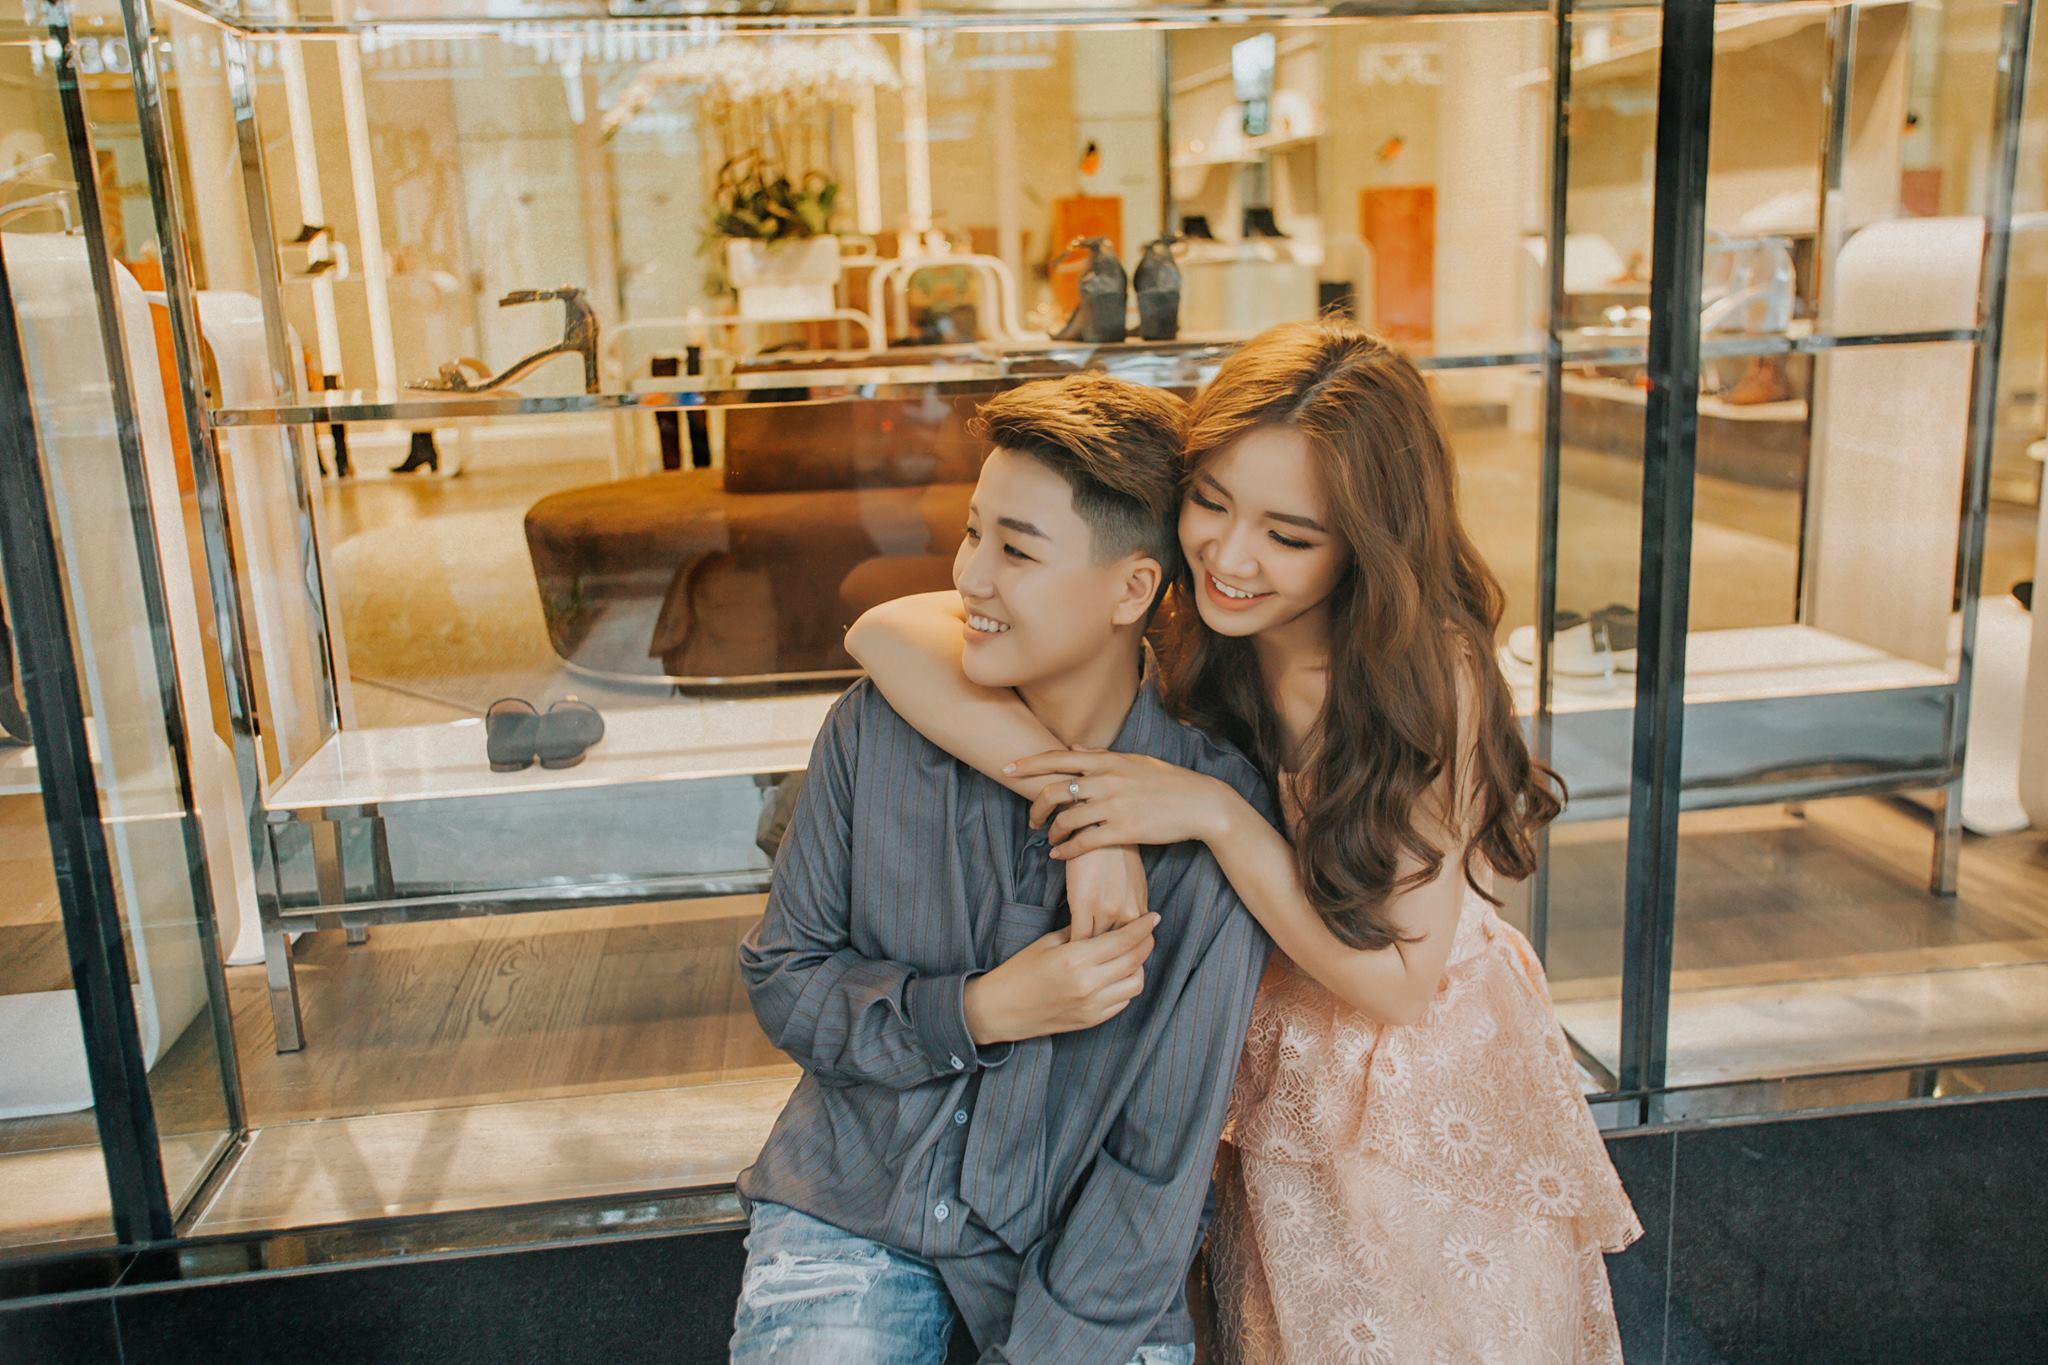 Nữ ca sĩ Việt có cuộc hôn nhân đồng tính khi mới 19 tuổi hiện sống ra sao? - 7